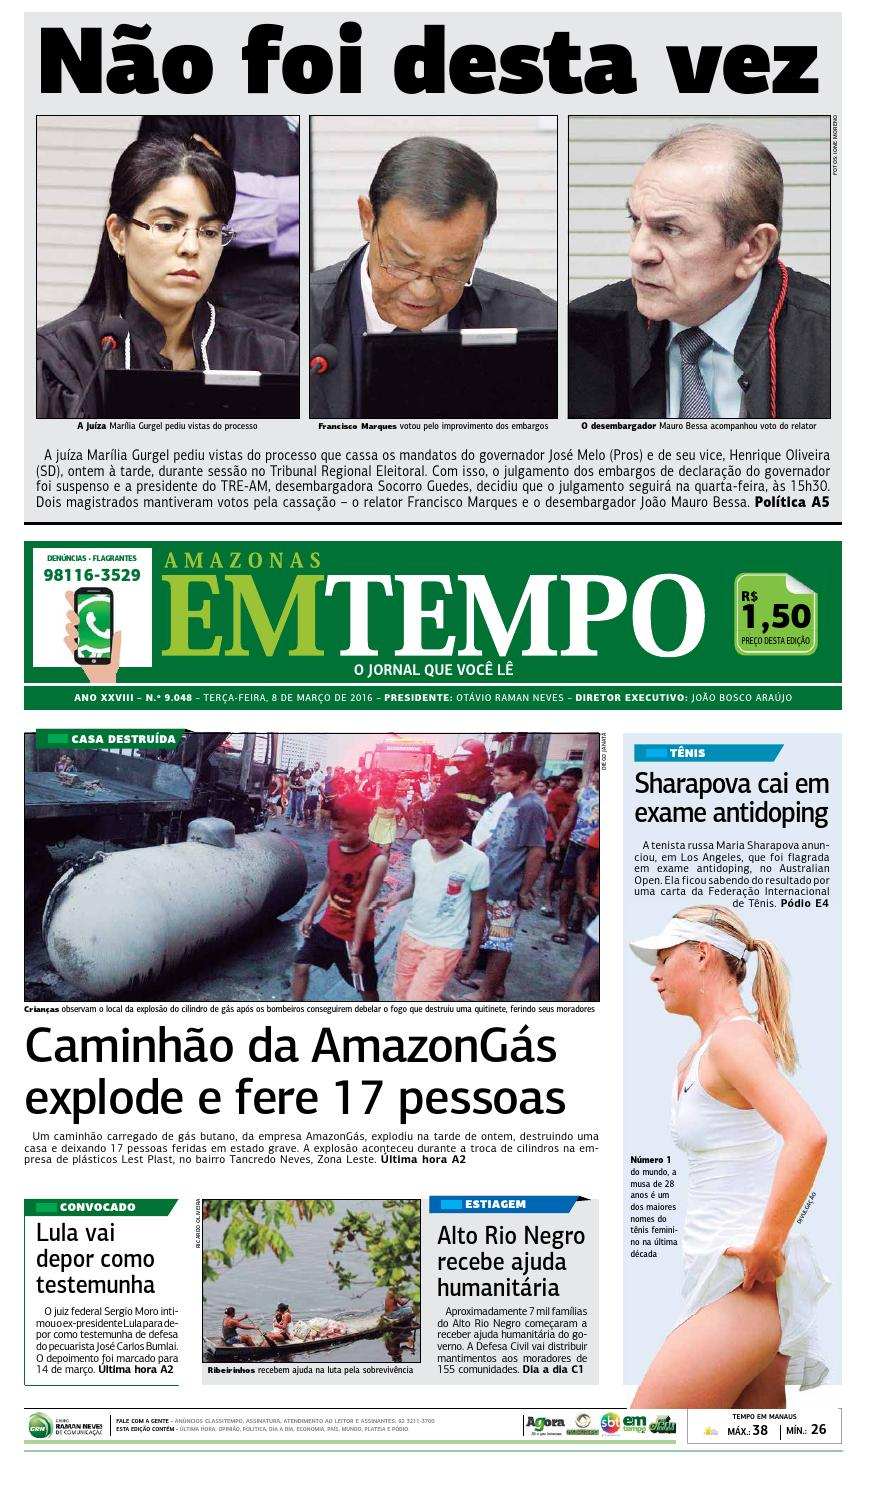 EM TEMPO - 8 de março de 2016 by Amazonas Em Tempo - issuu ed1961a411149